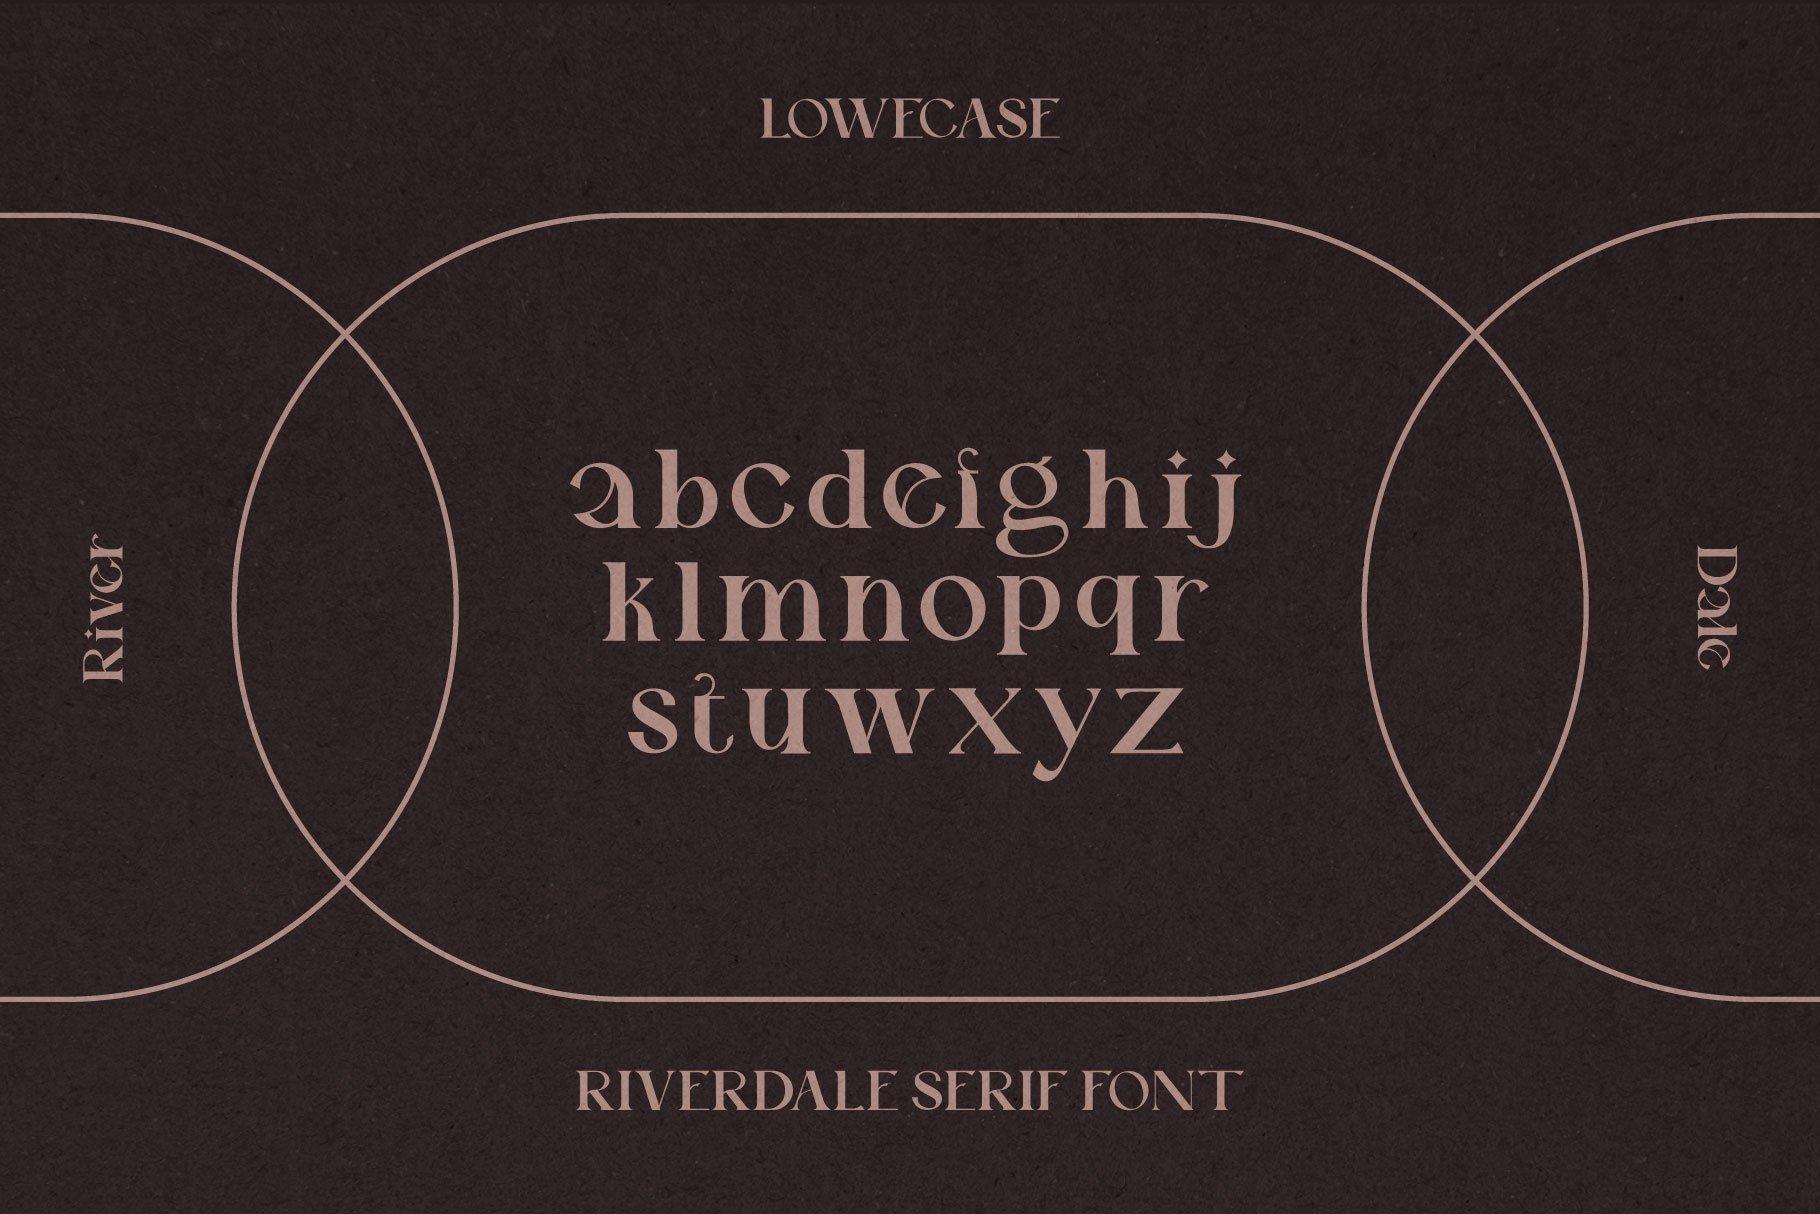 时尚优雅品牌Logo海报标题设计衬线英文字体素材 Riverdale Serif Font插图11